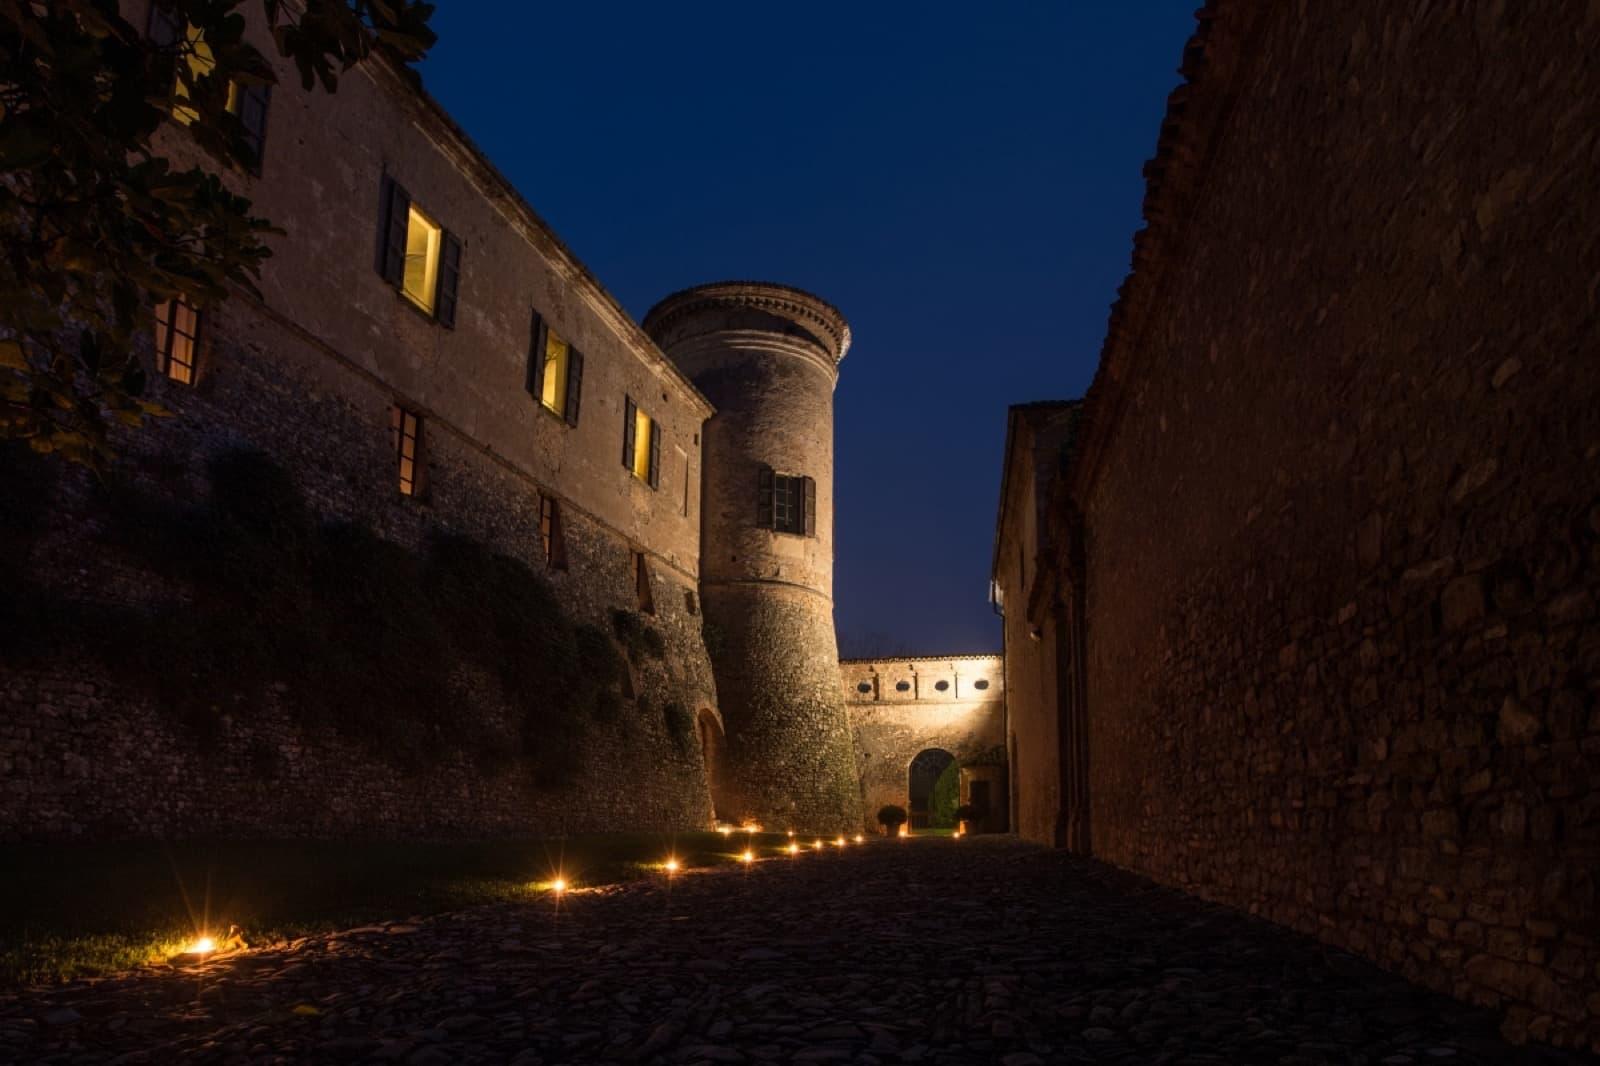 Castello di Scipione dei Marchesi Pallavicino Ph. Bocelli